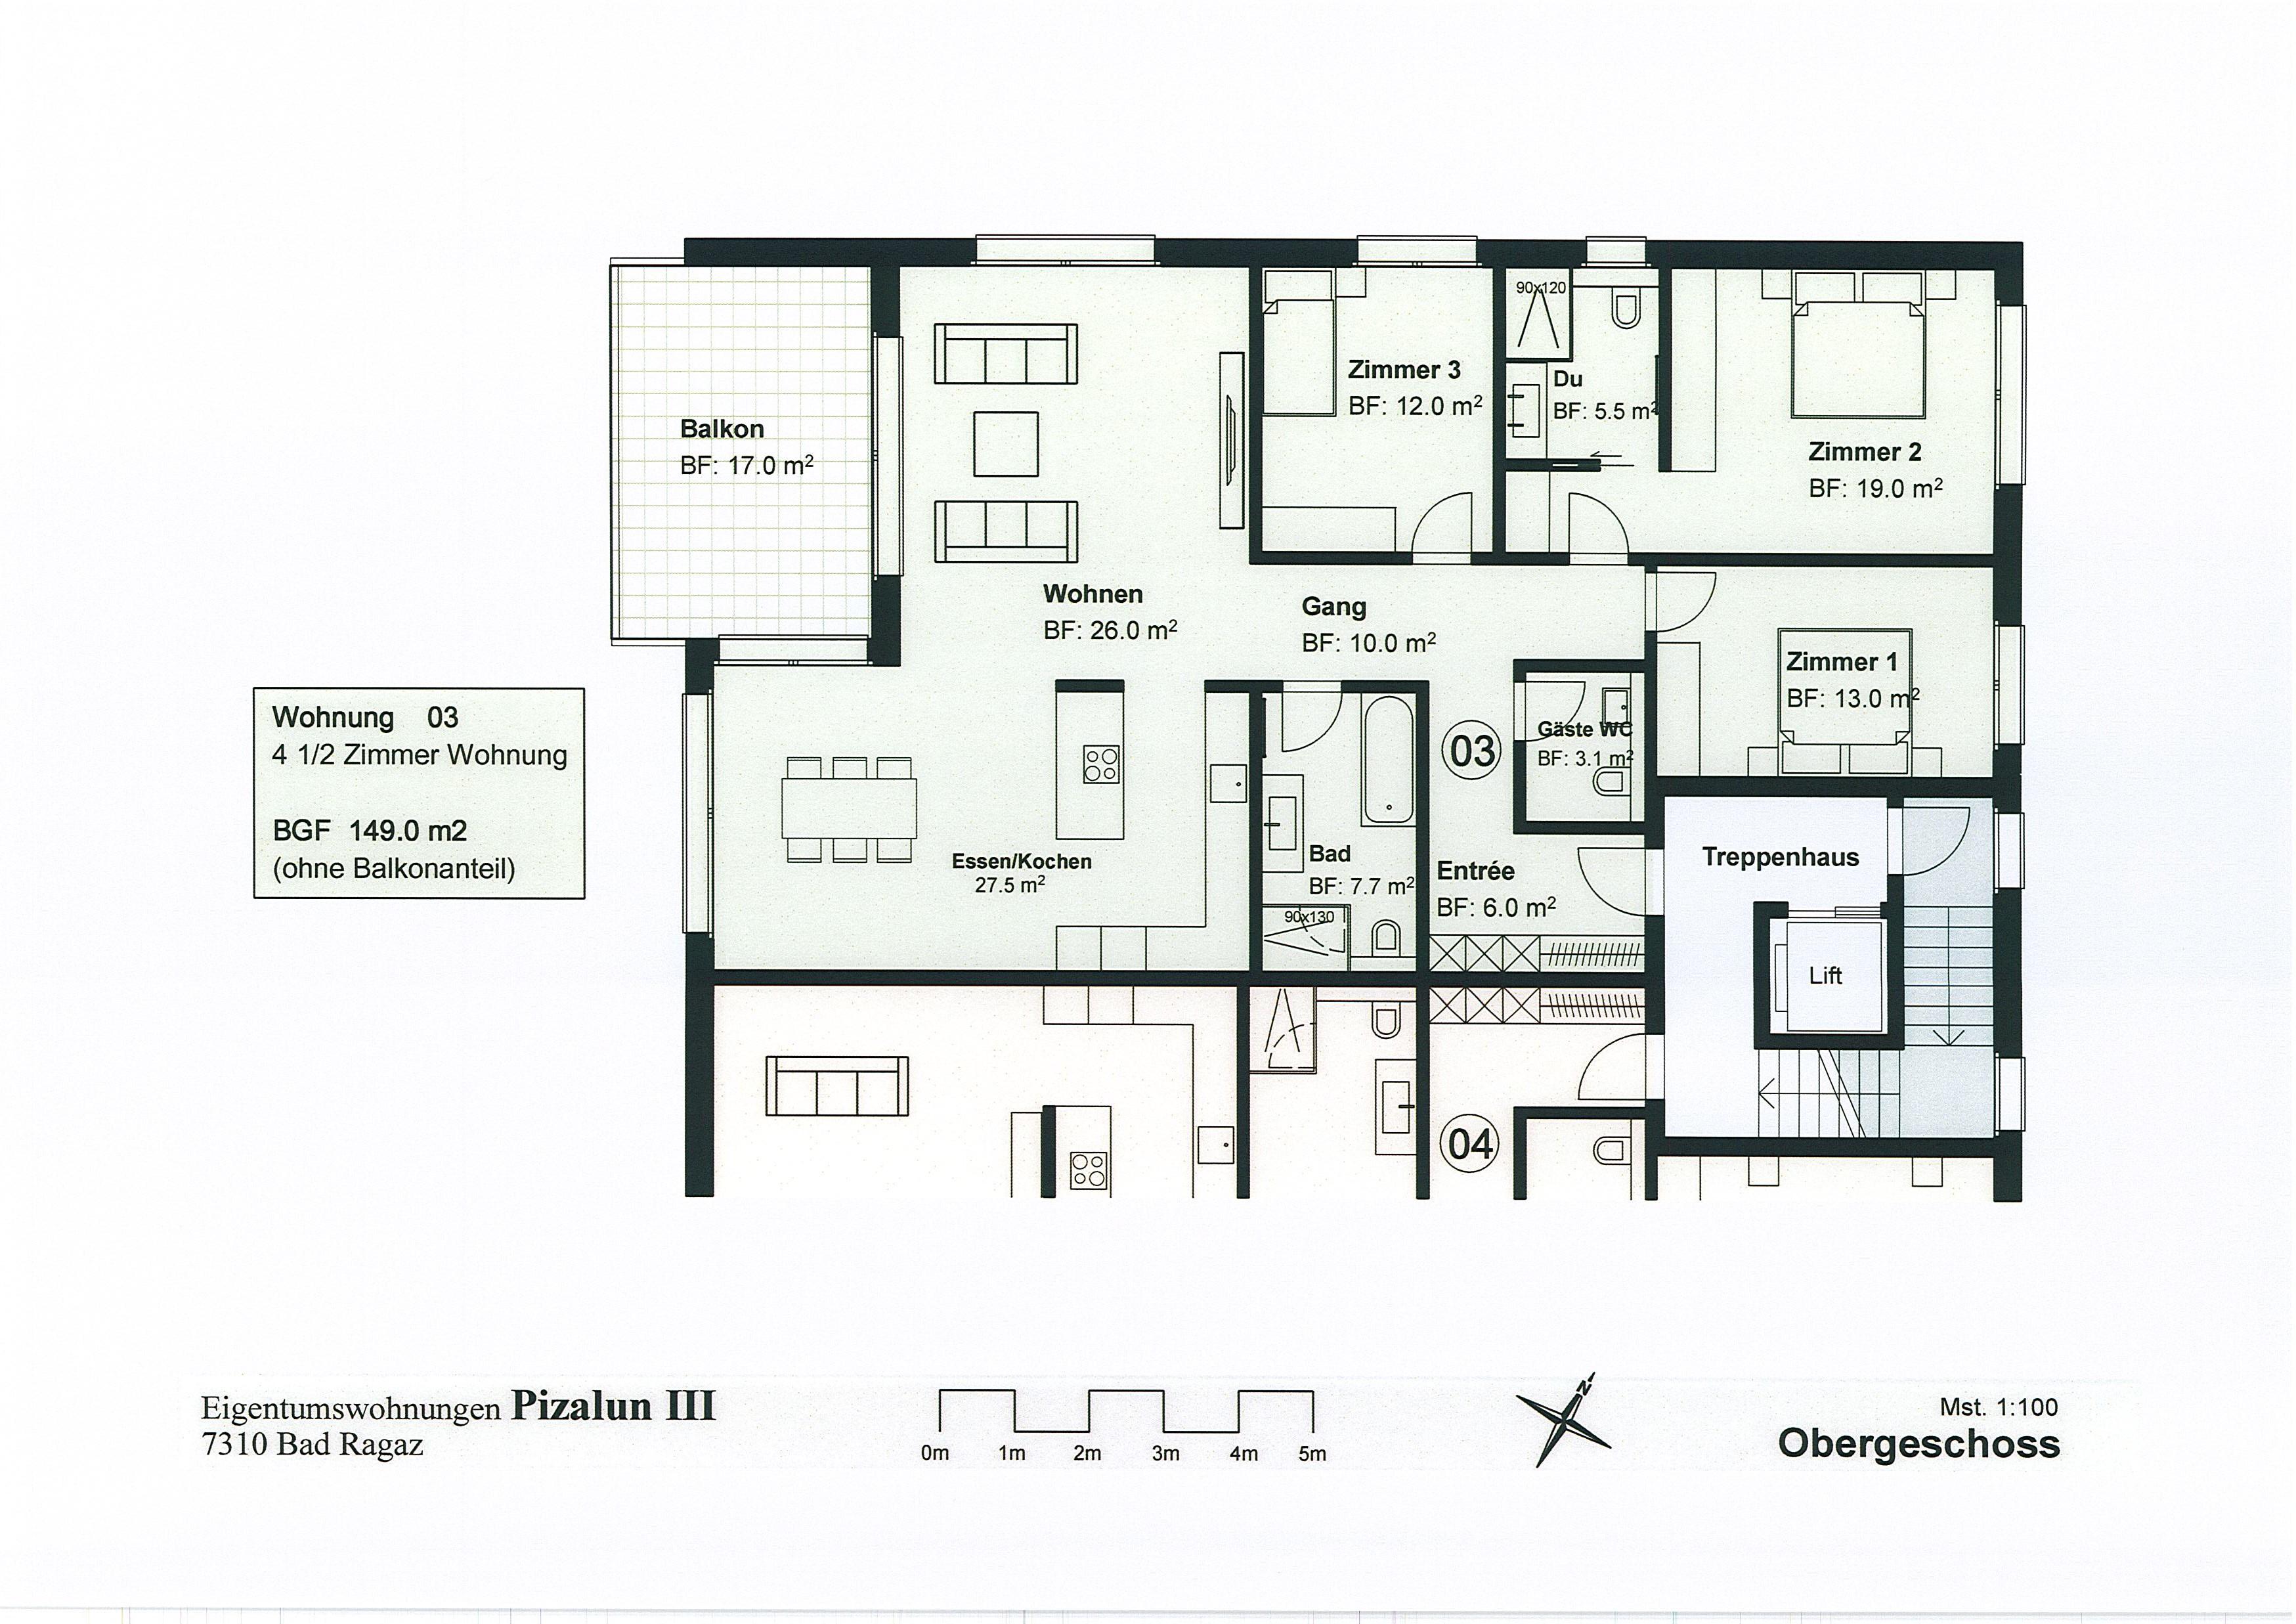 sarganserland immobilien gmbh - hoher wohnkomfort gewünscht? - 4.5, Badezimmer ideen